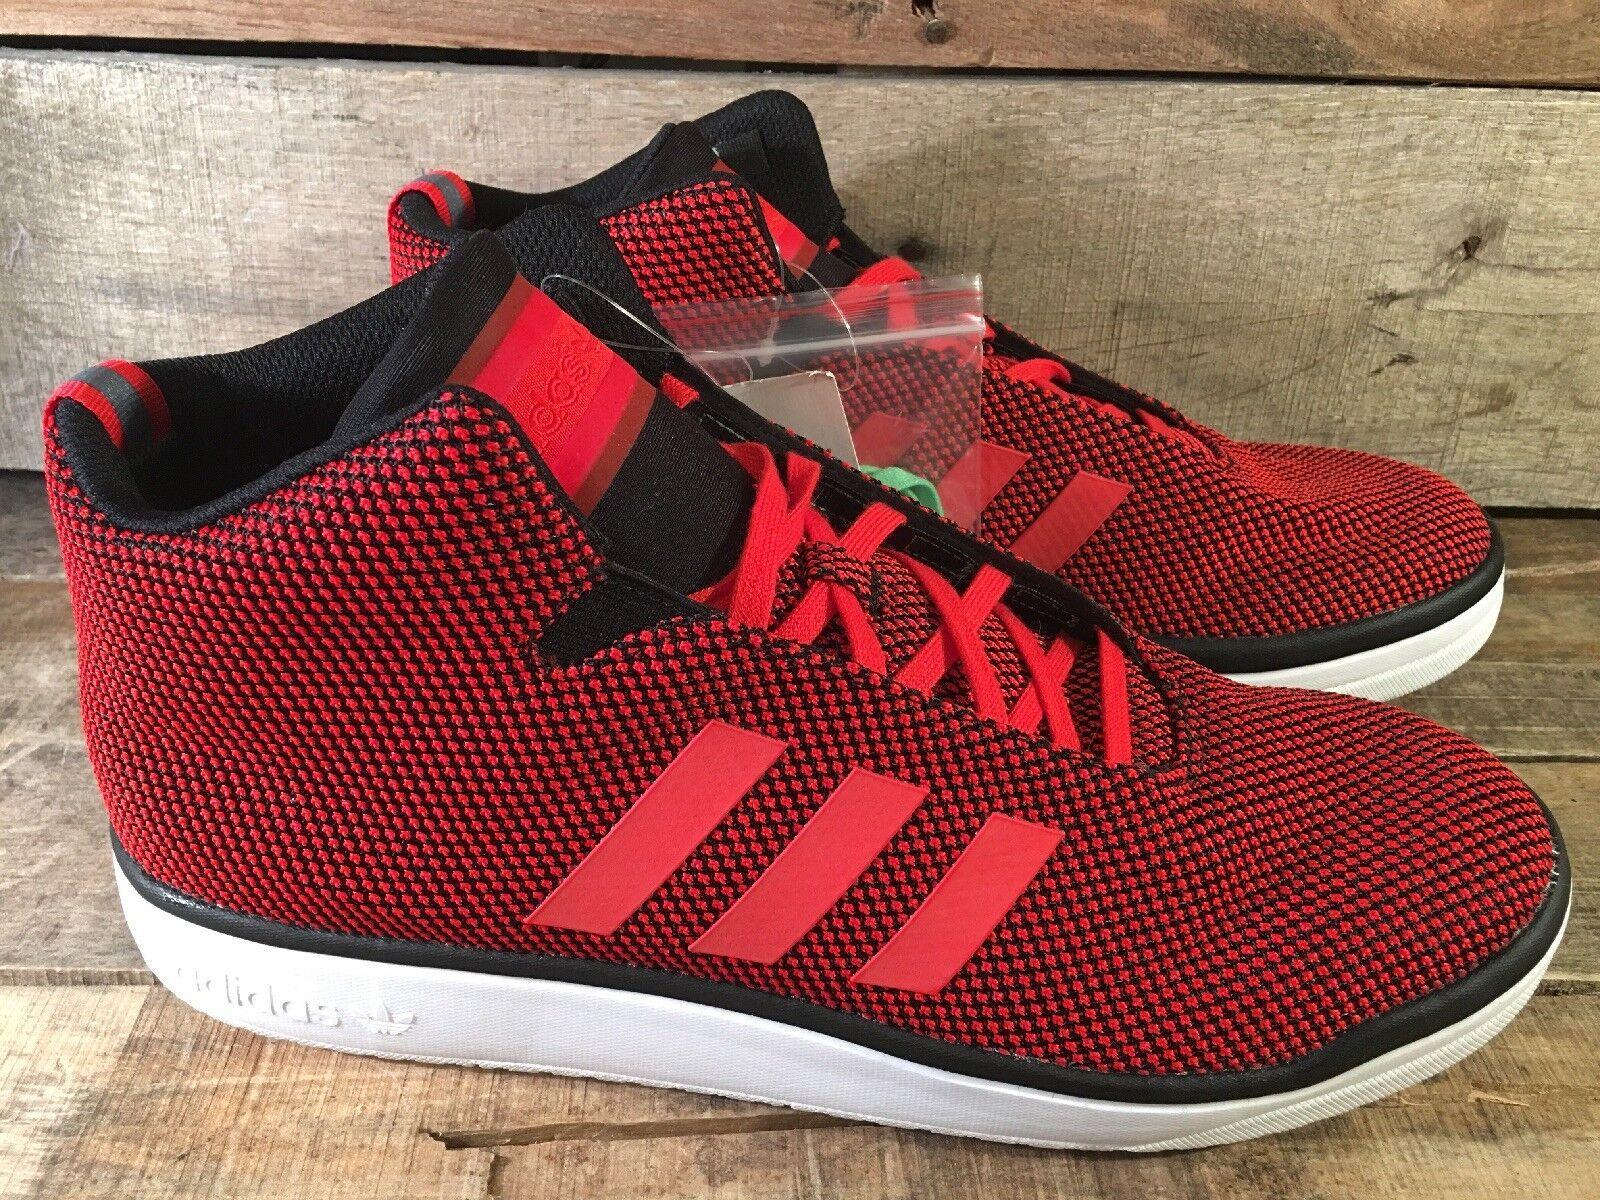 Adidas Veritas Mid Herren Show Größe 11.5 Rot Schwarz B24559